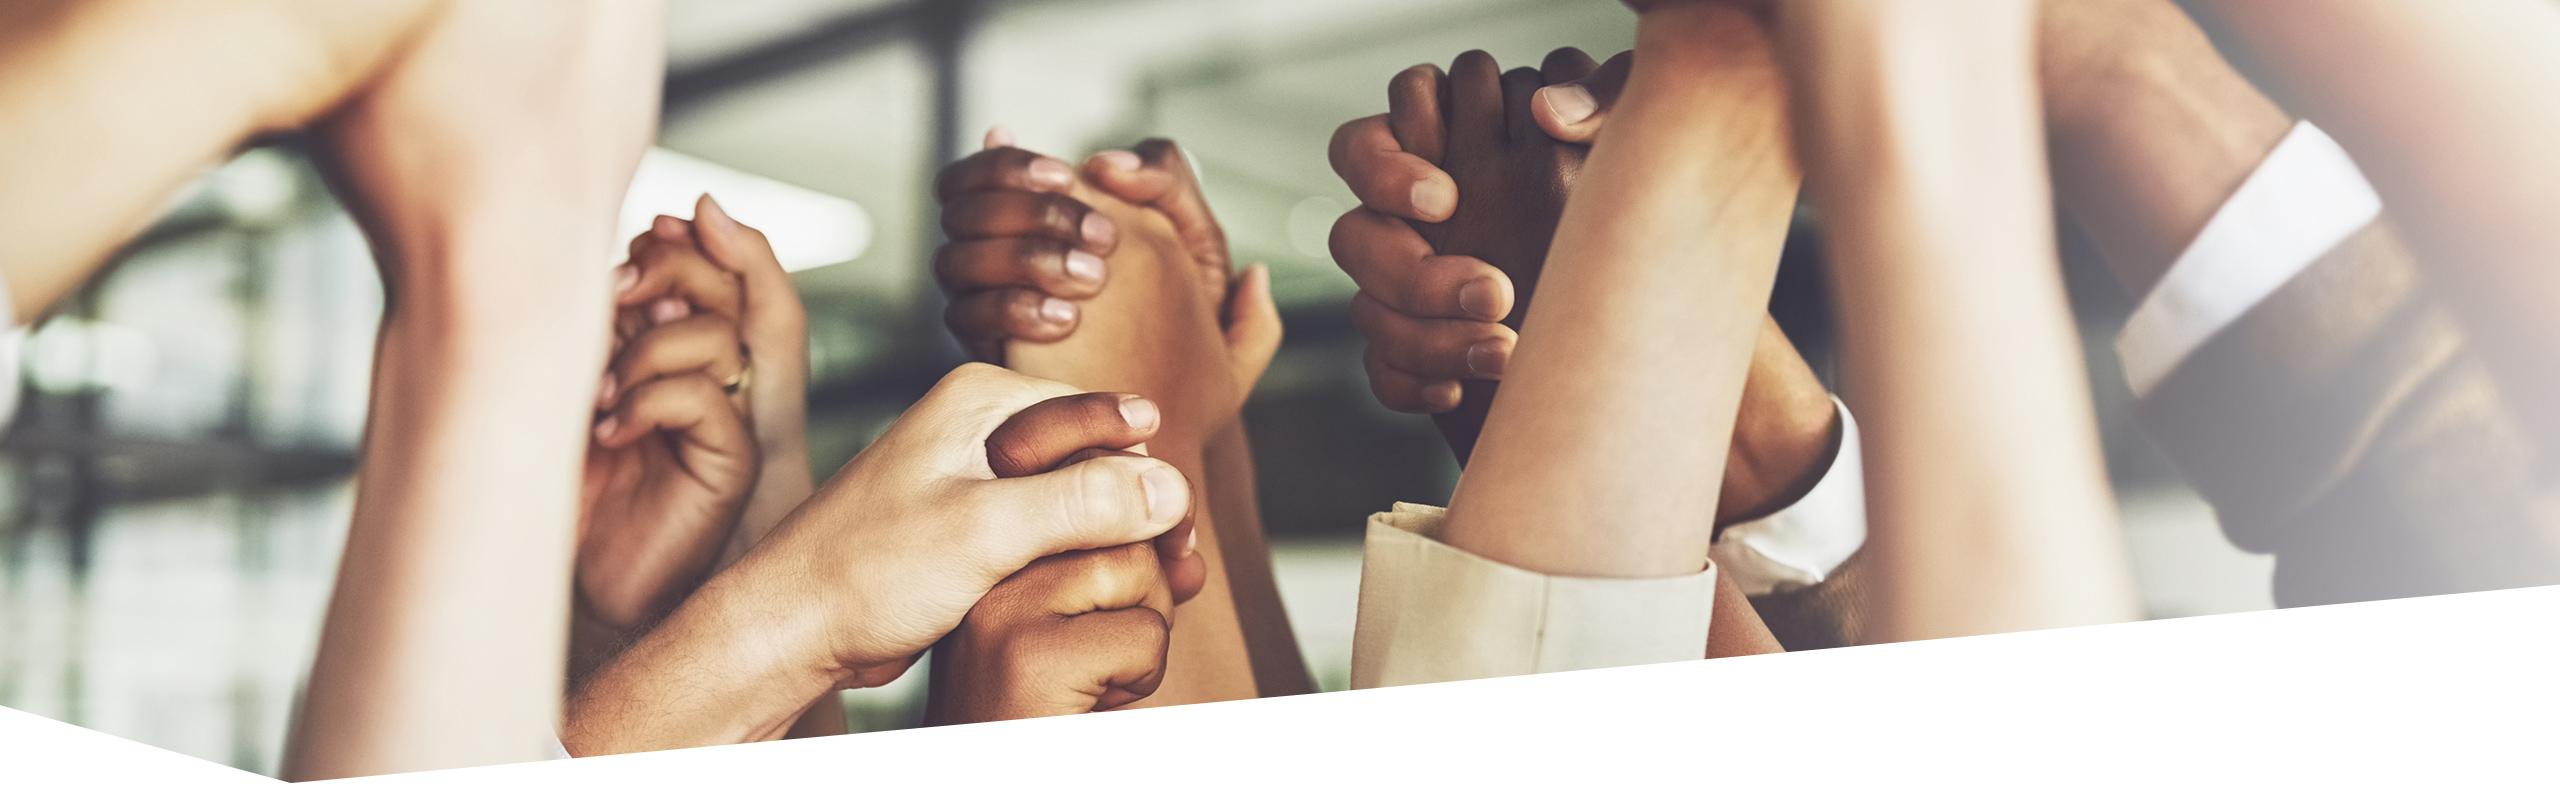 Hochgehaltene Hände mehrere Personen, die sich gegenseitig festhalten